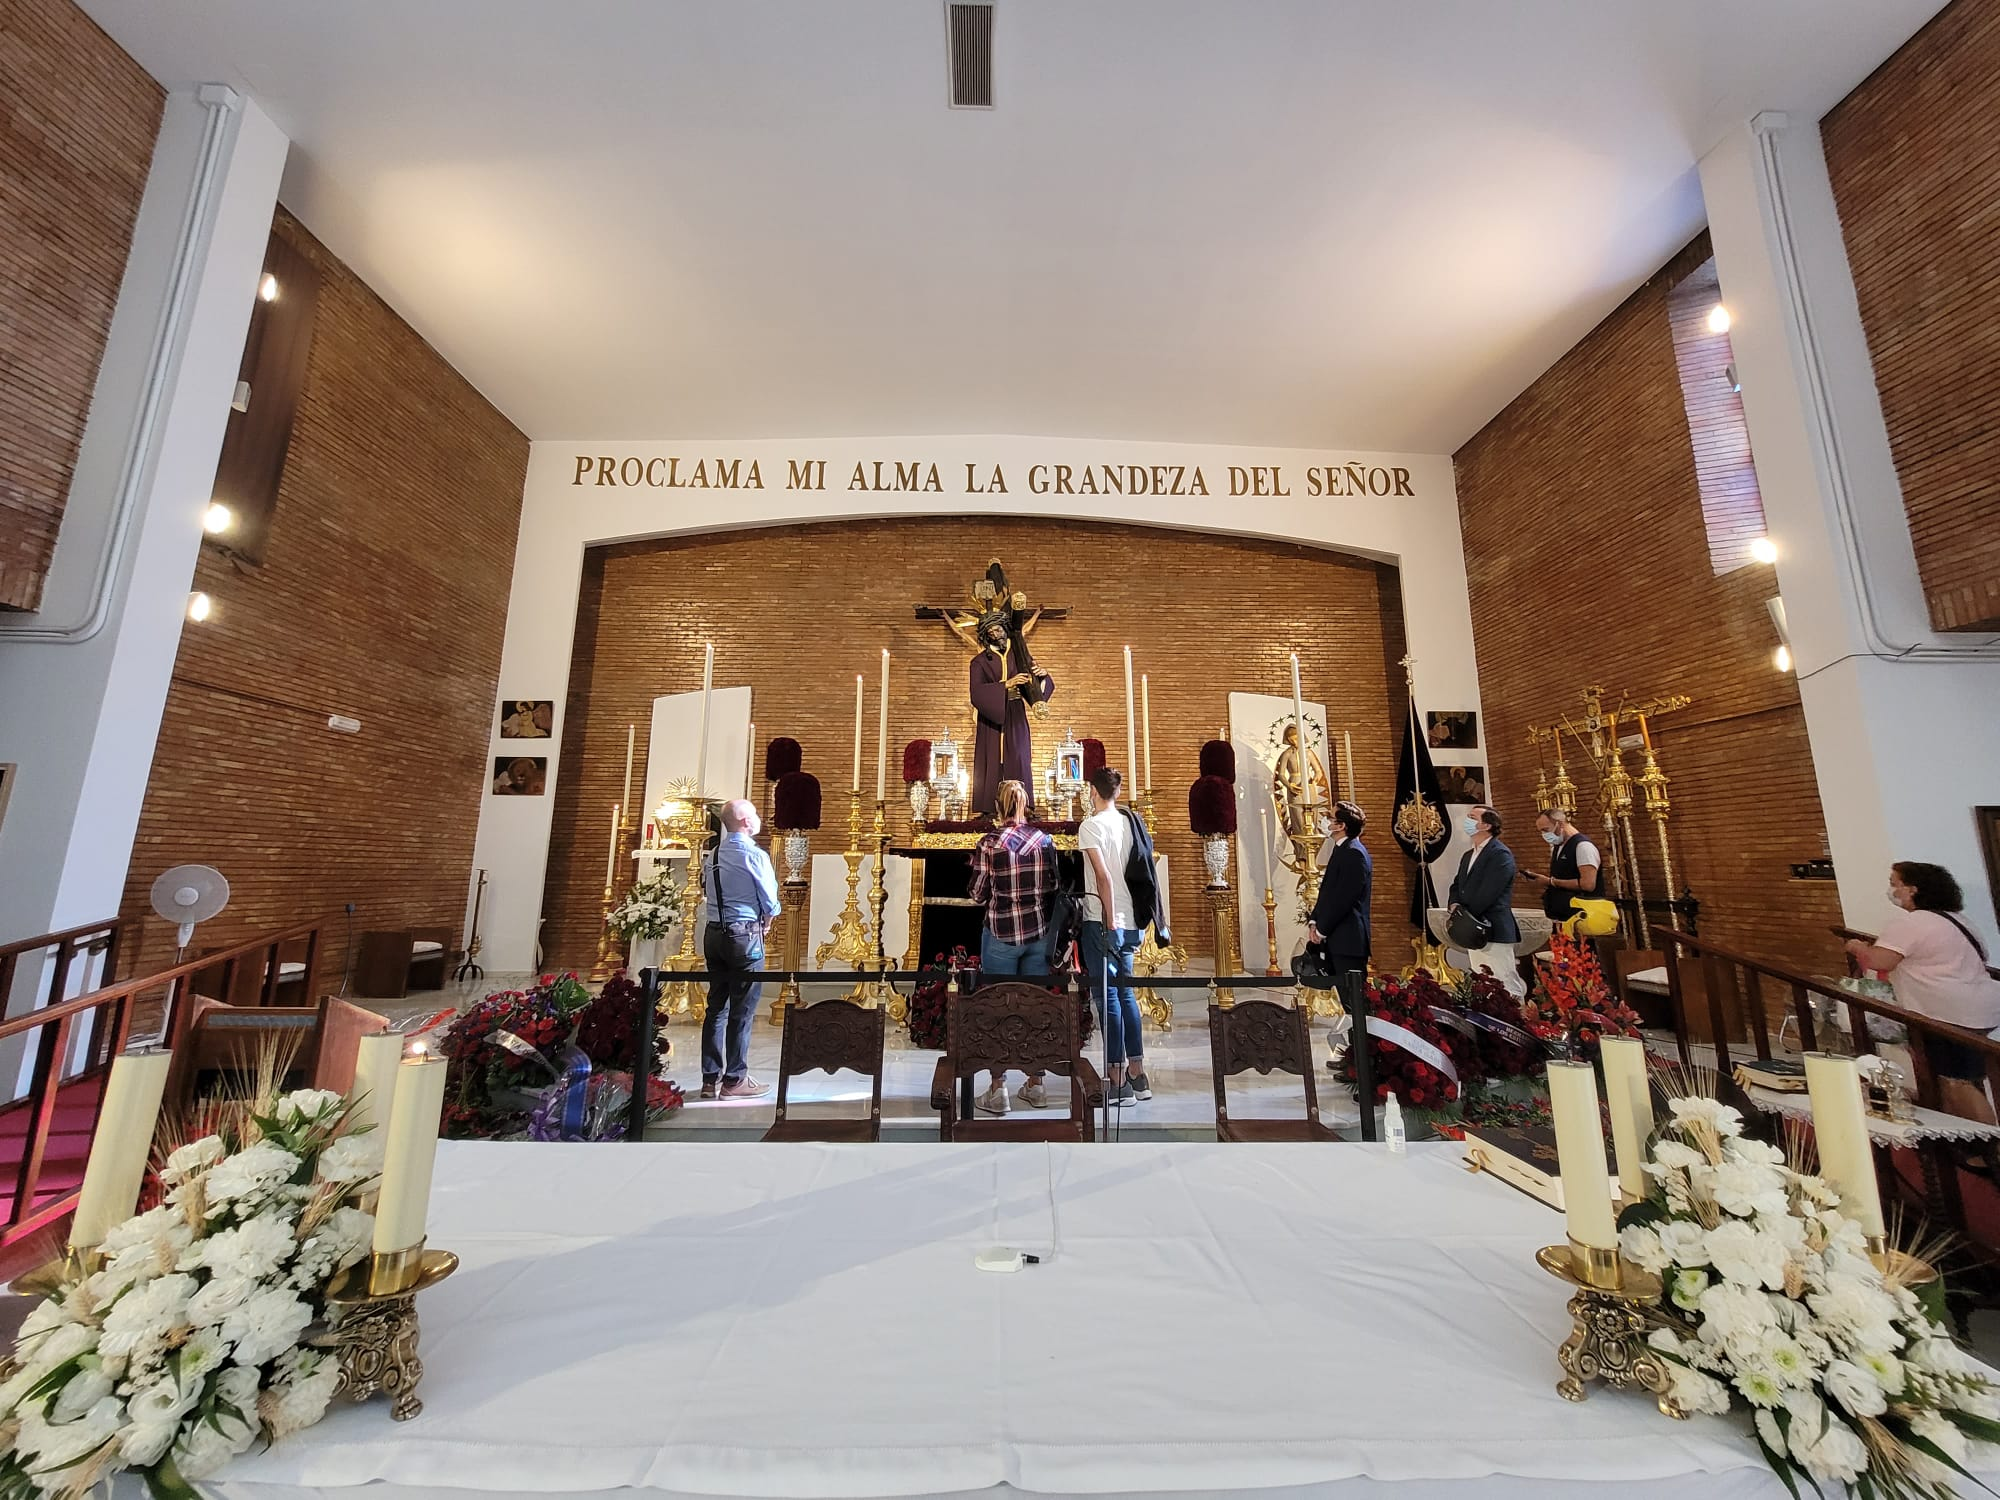 Las estampas del Señor en la Parroquia de la Blanca Paloma